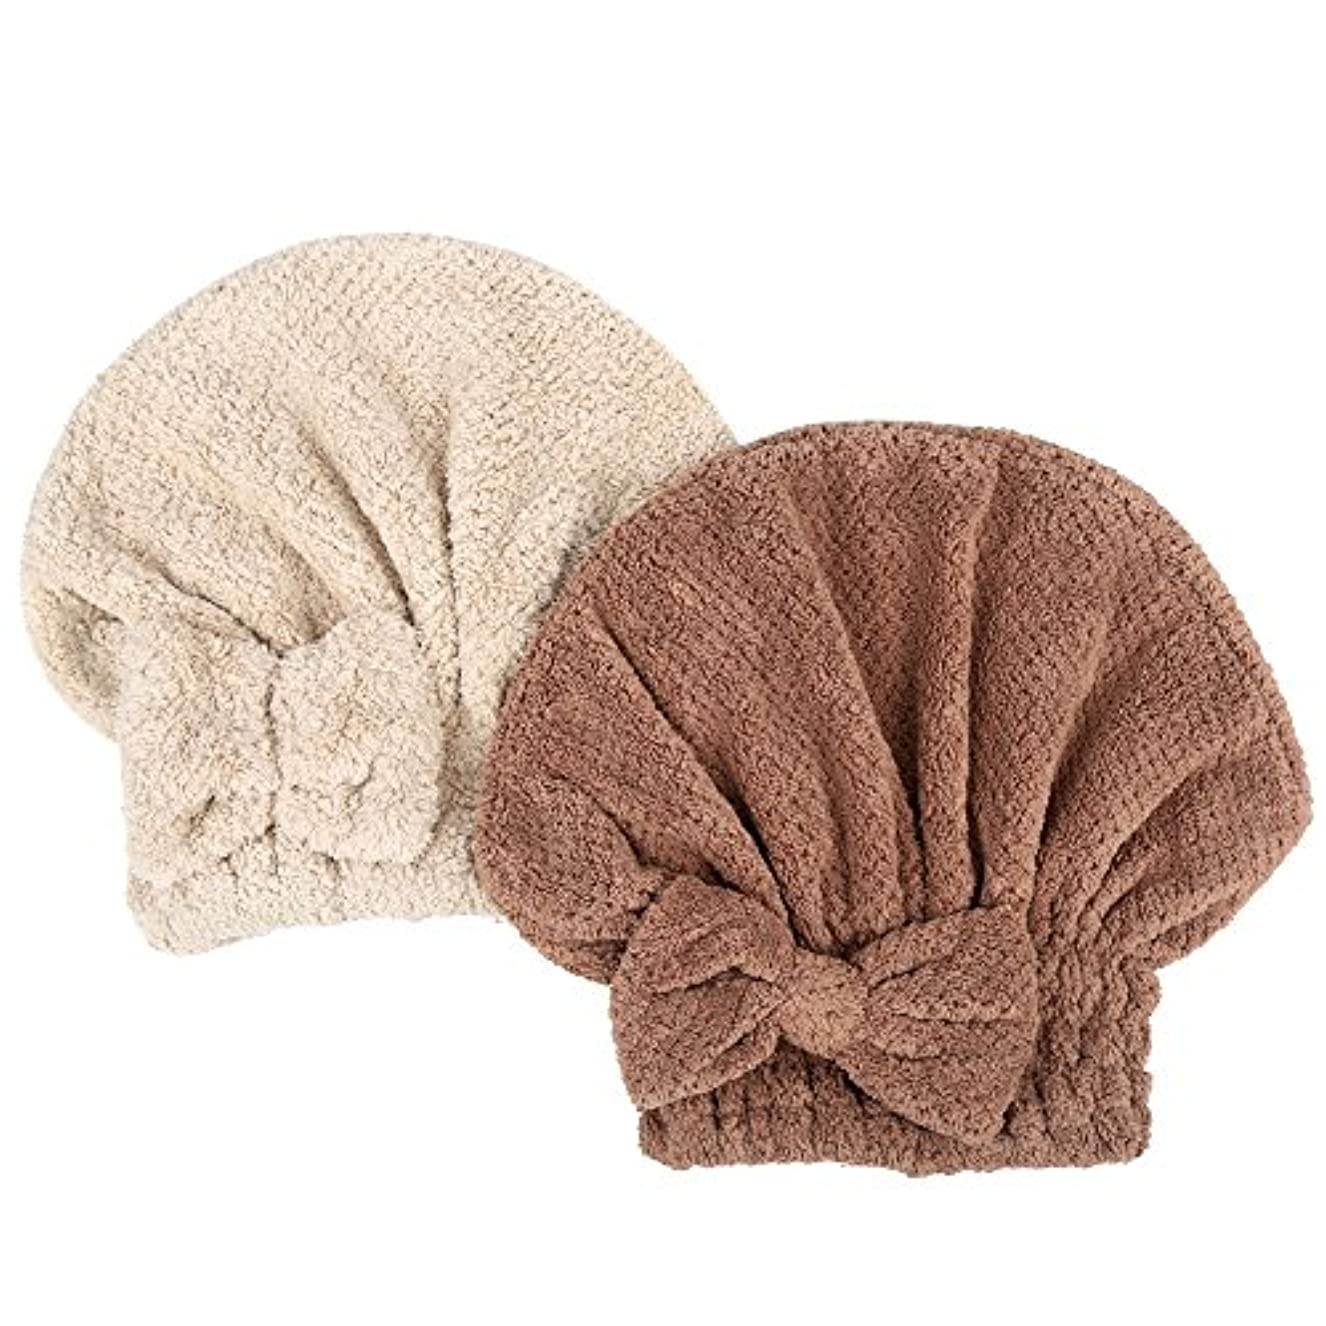 良心リブクリープKISENG タオルキャップ 2枚セット ヘアドライタオル 短髪の人向き ヘアキャップ 吸水タオル 速乾 ふわふわ お風呂 バス用品 (ベージュ+コーヒー)